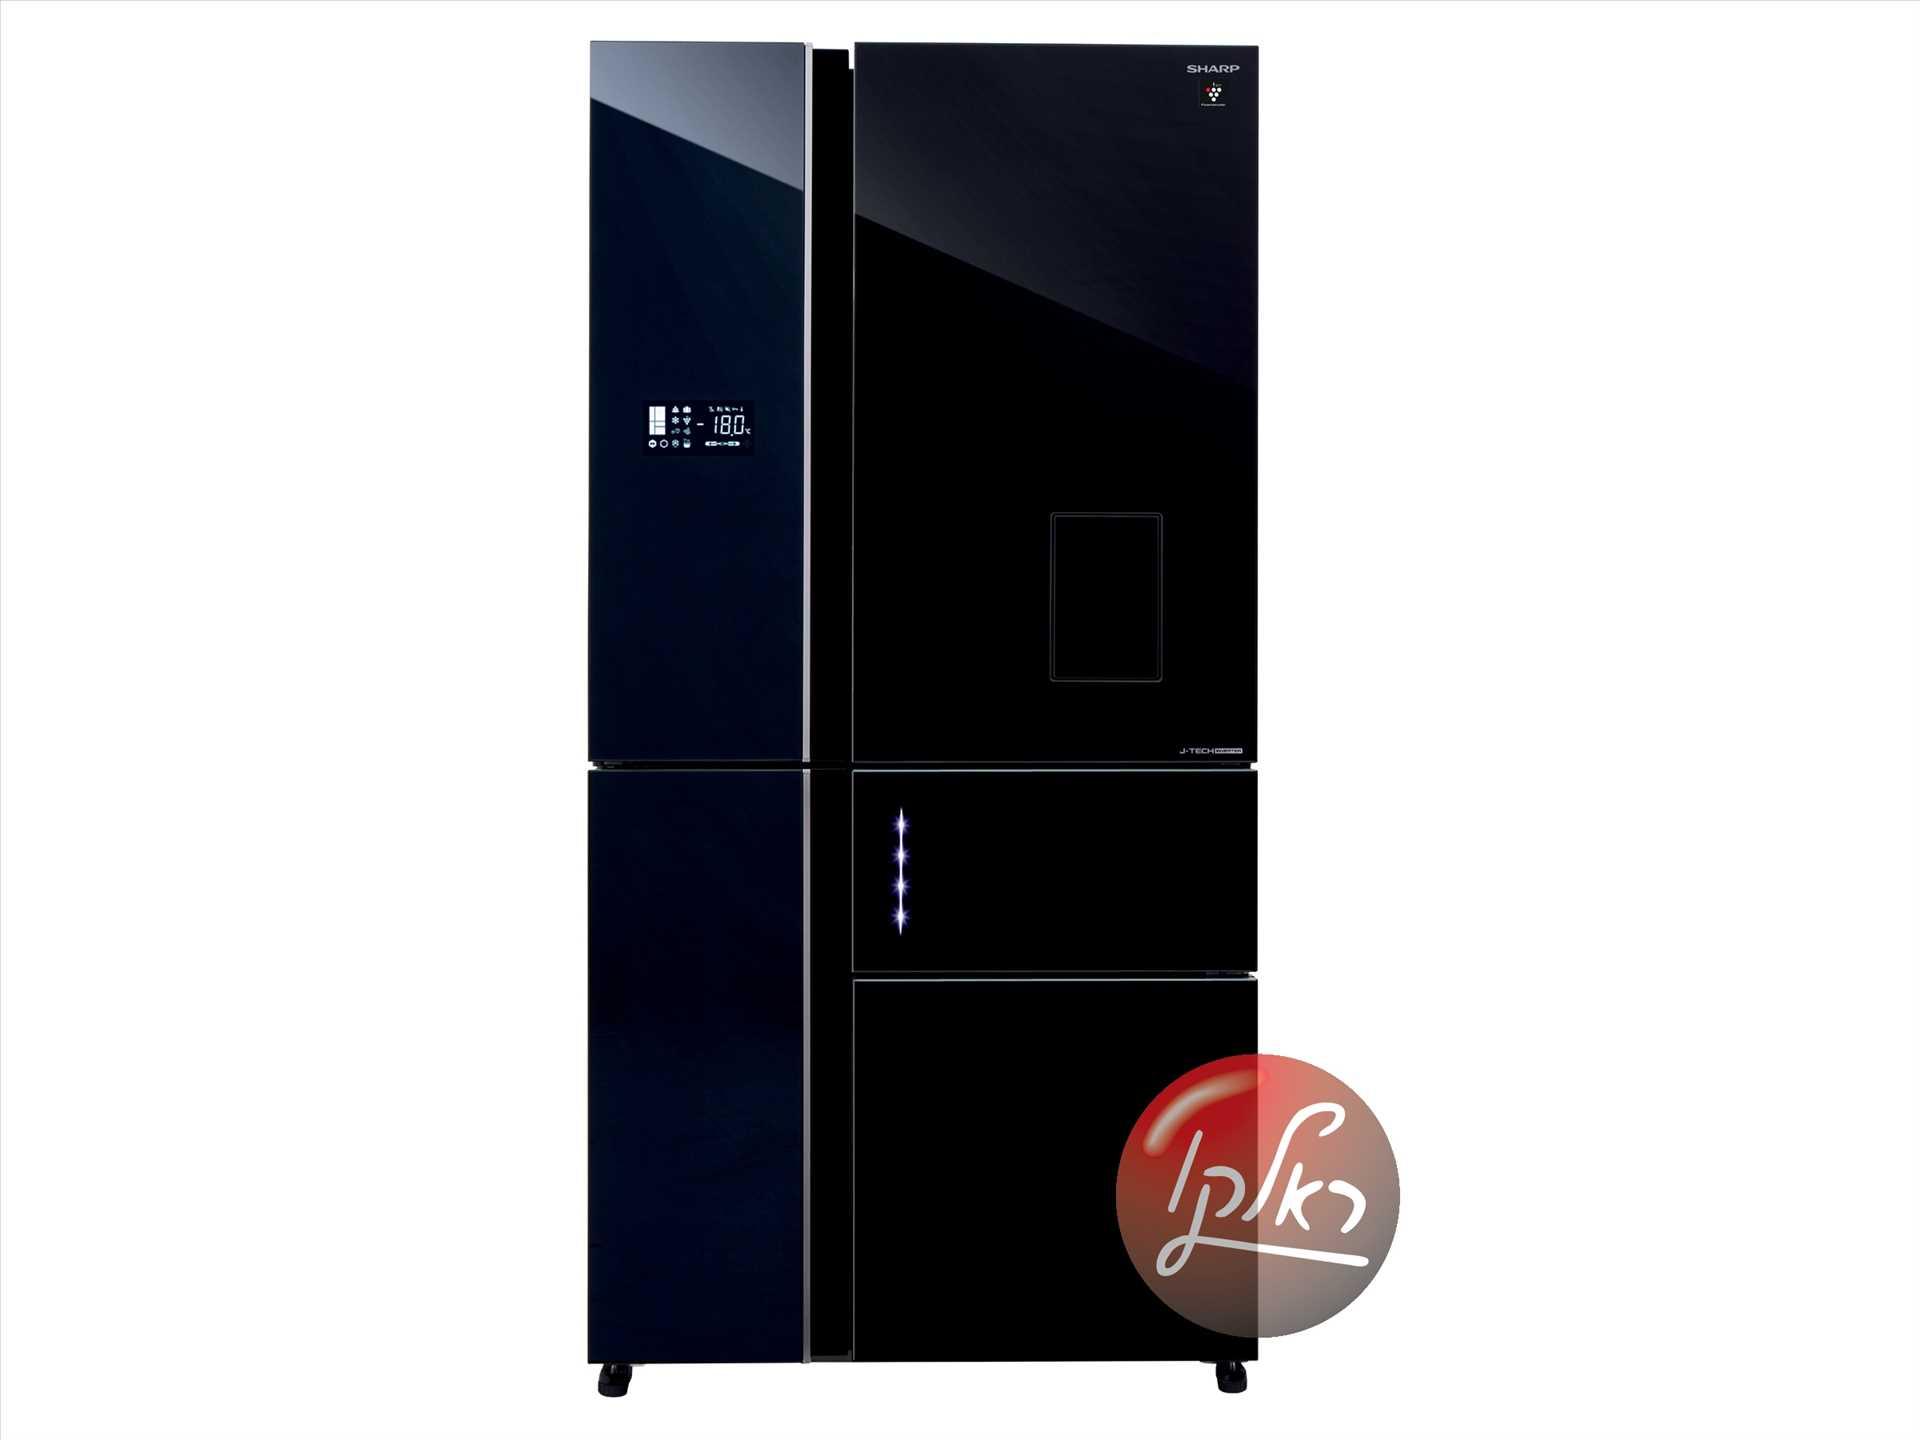 מקרר 5 דלתות SHARP SJ-9731 שארפ 661 ליטר ציפוי זכוכית שחורה - תמונה 1